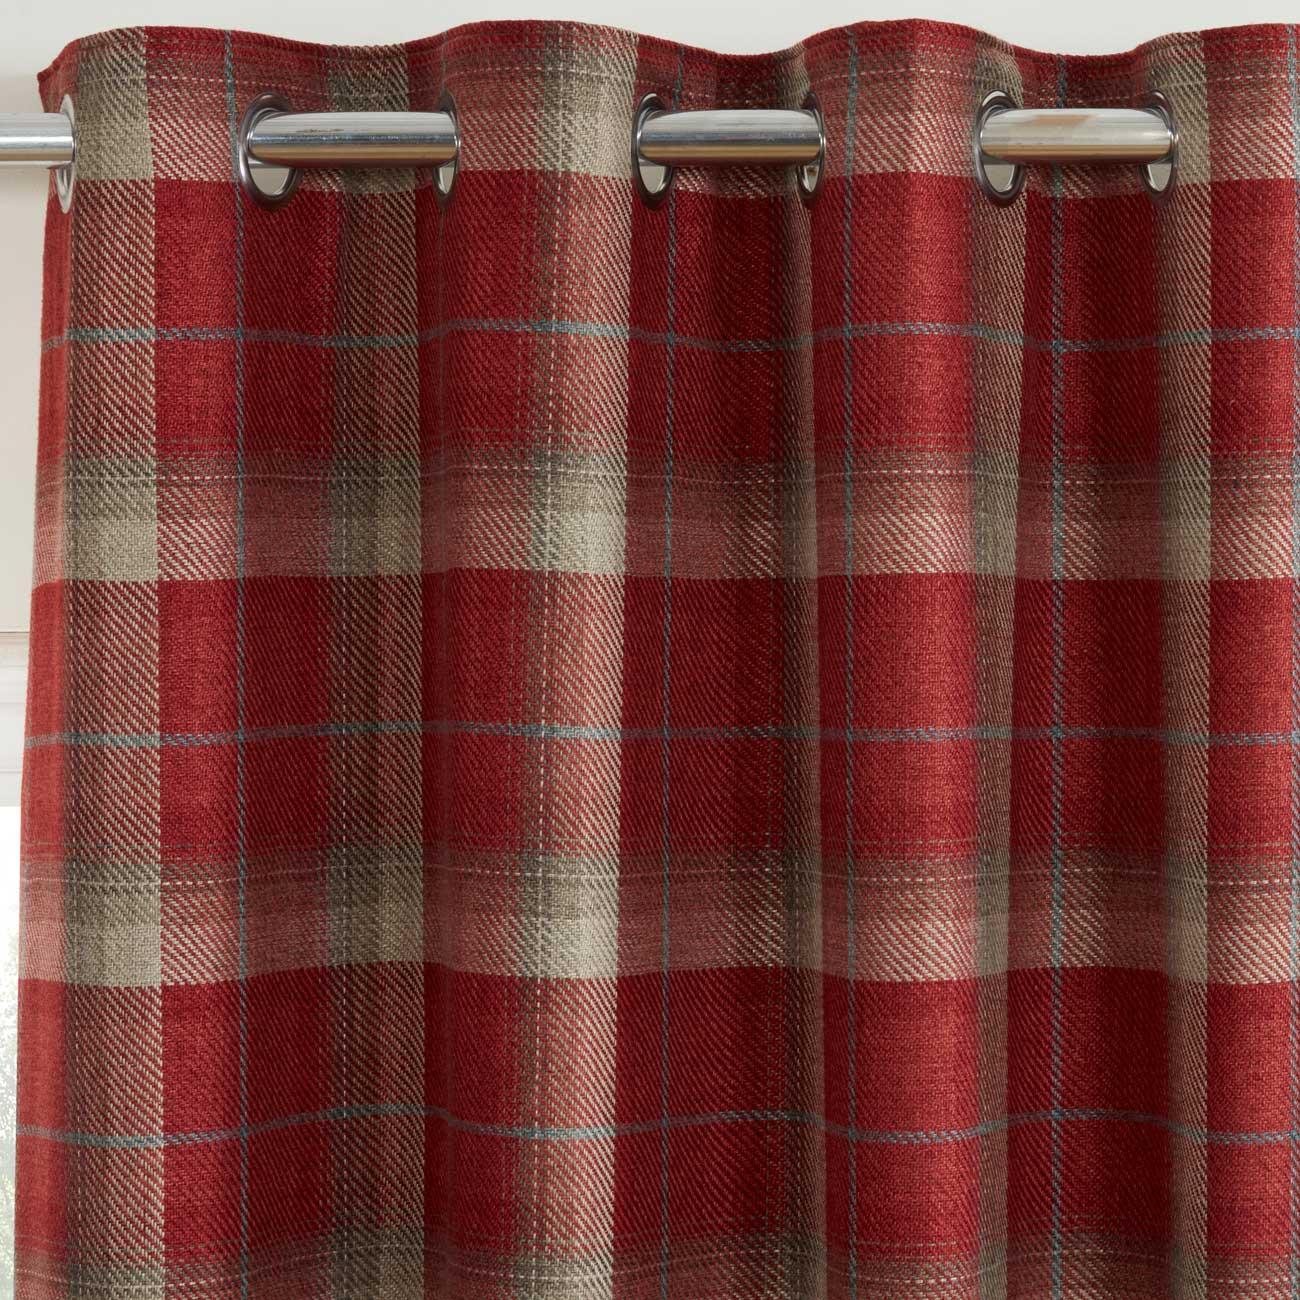 Cortinas-DE-ORIFICIOS-Rojo-Blackout-Tartan-Check-Ready-Made-acogedor-Anillo-Superior-Cortina-Pares miniatura 17